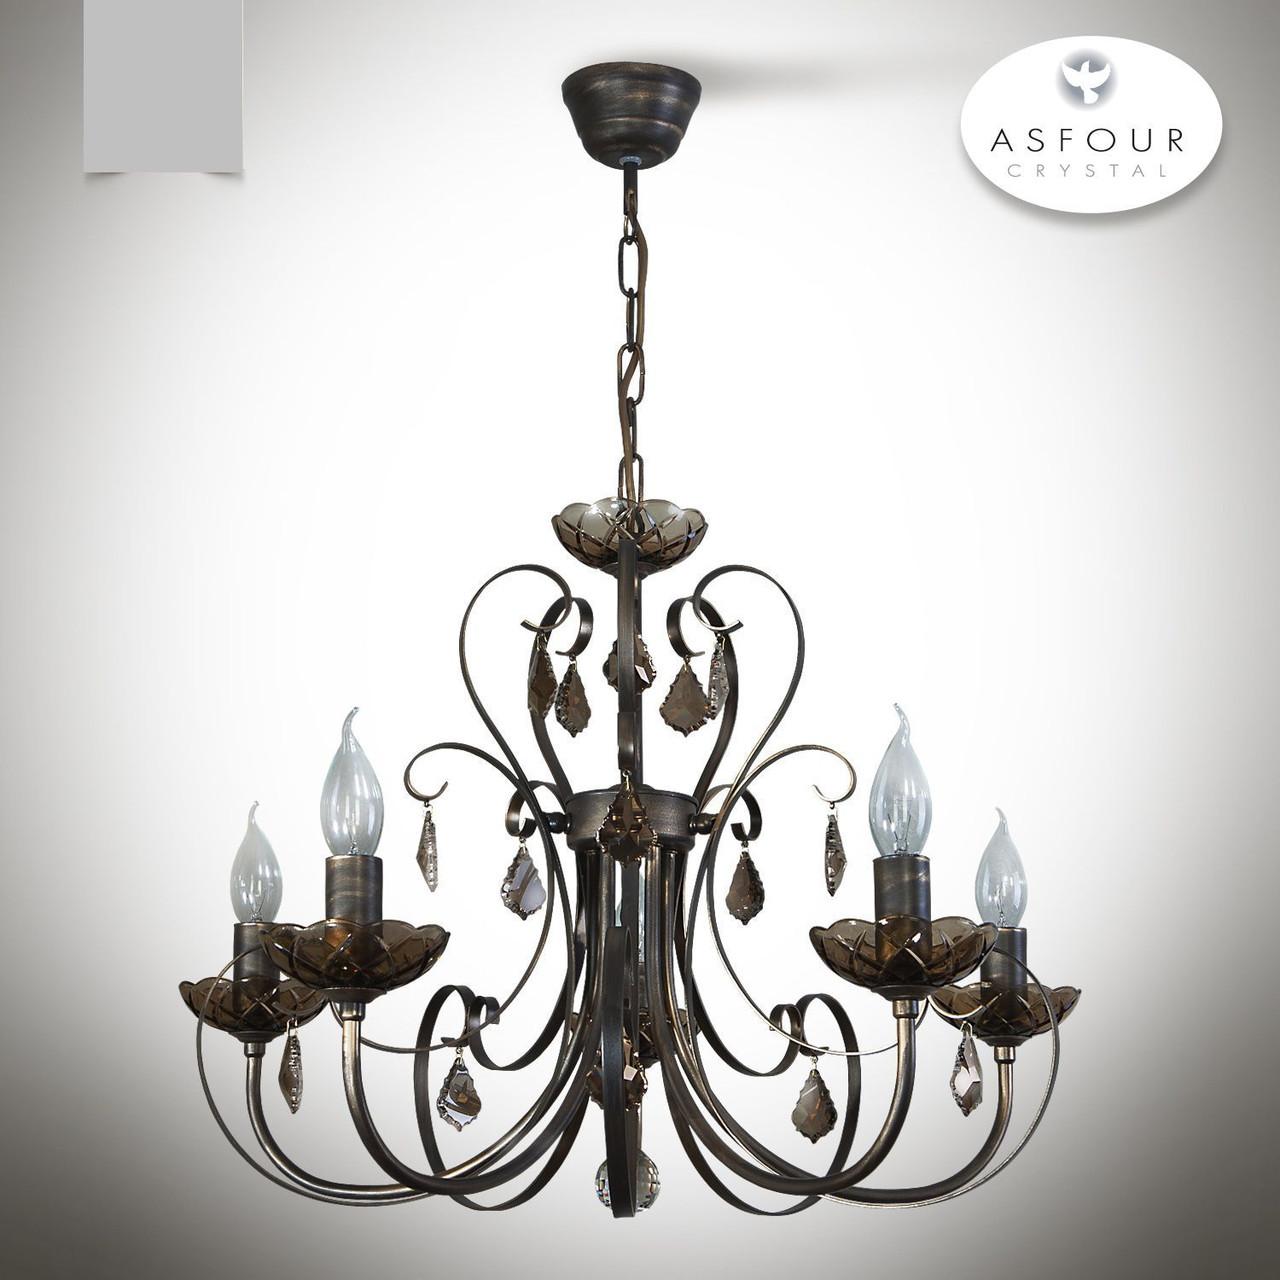 Люстра 5 ламповая темная с хрусталем для зала, спальни, кабинета  12144